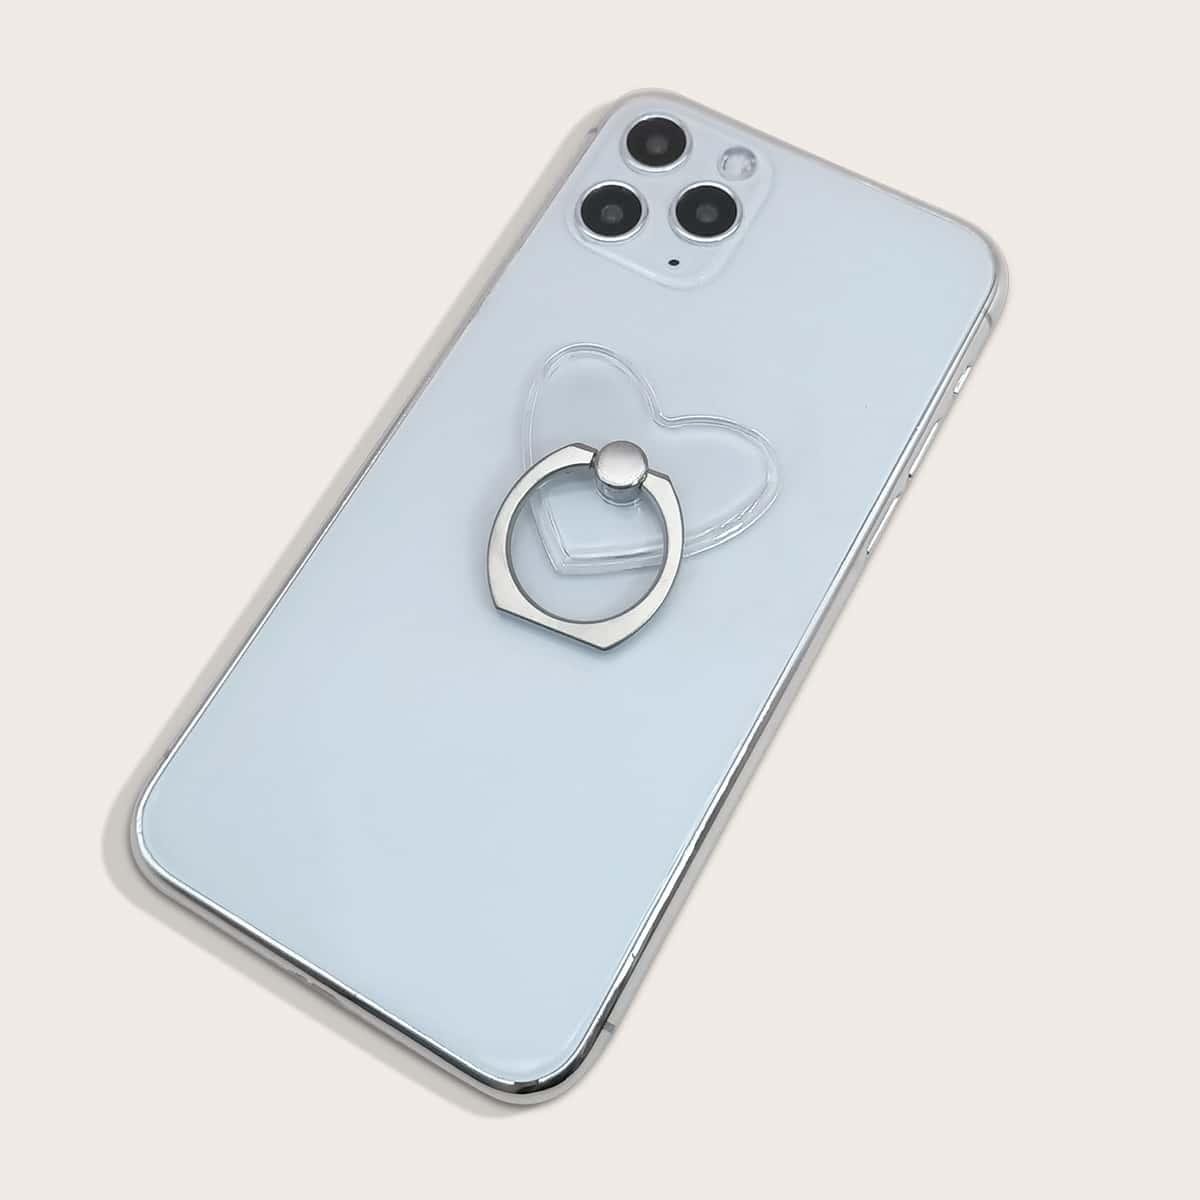 Прозрачный держатель для телефона в форме сердца 1шт фото